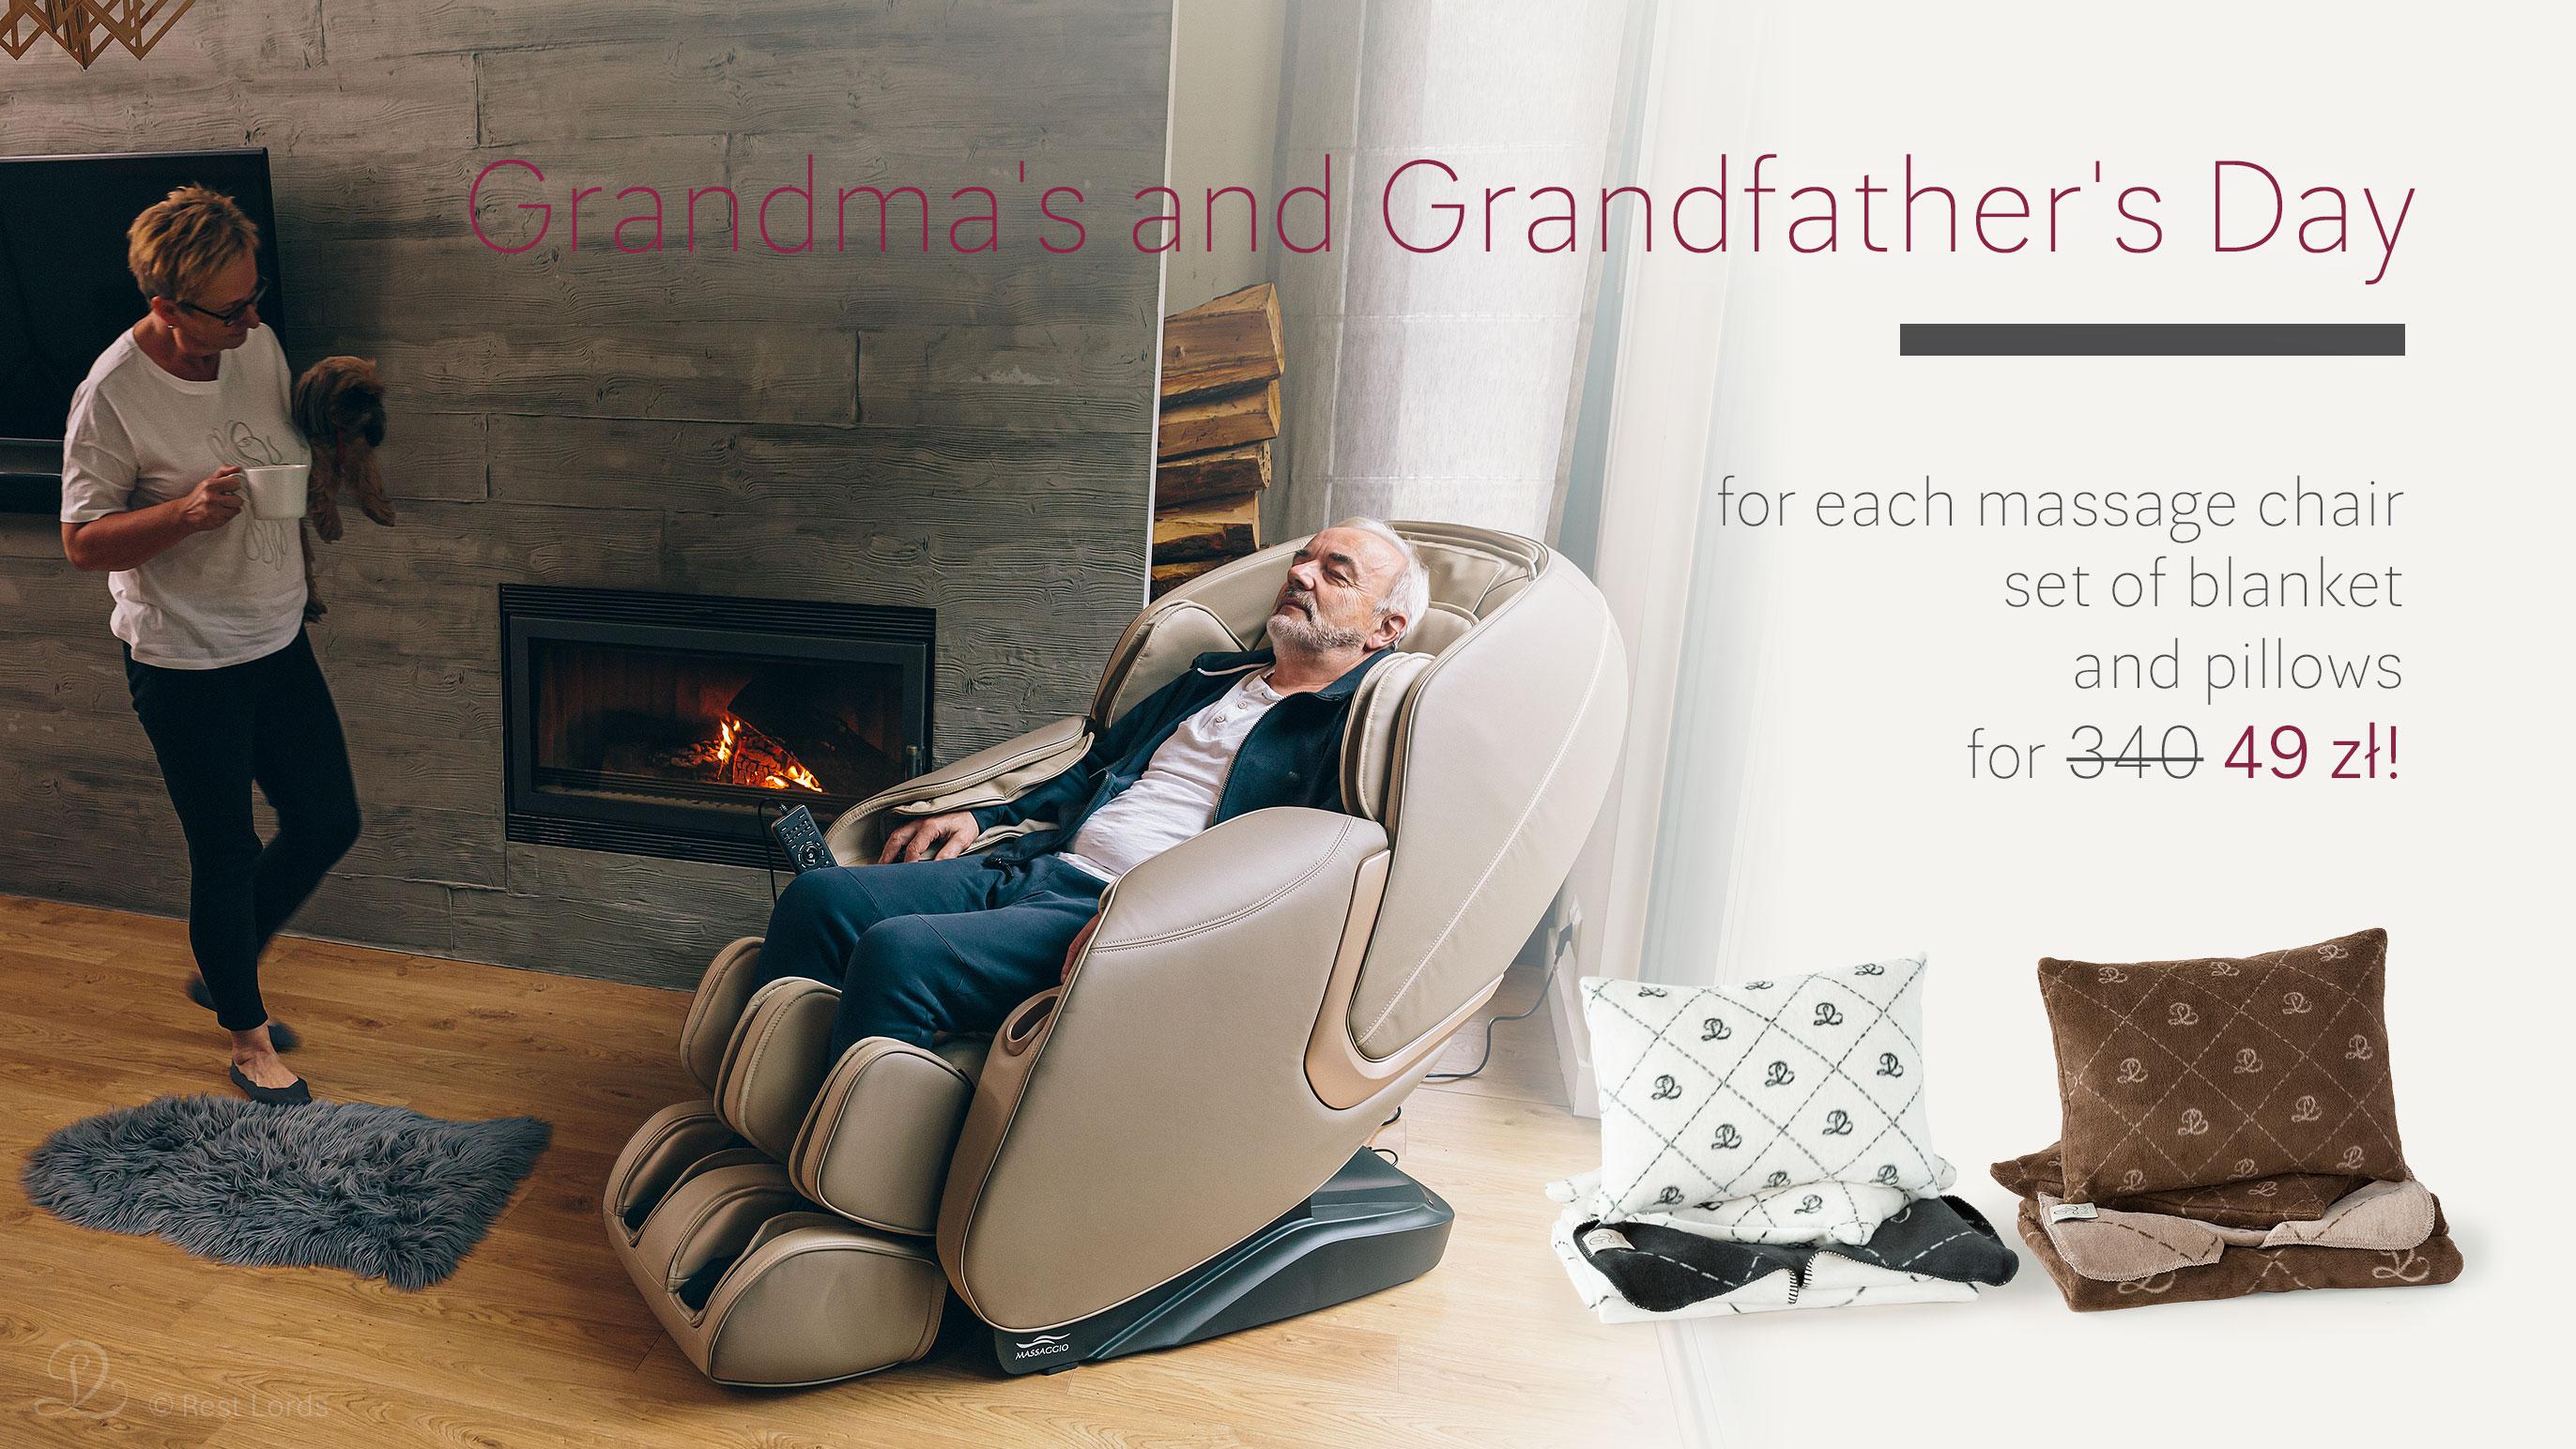 Grandma and grandpa day